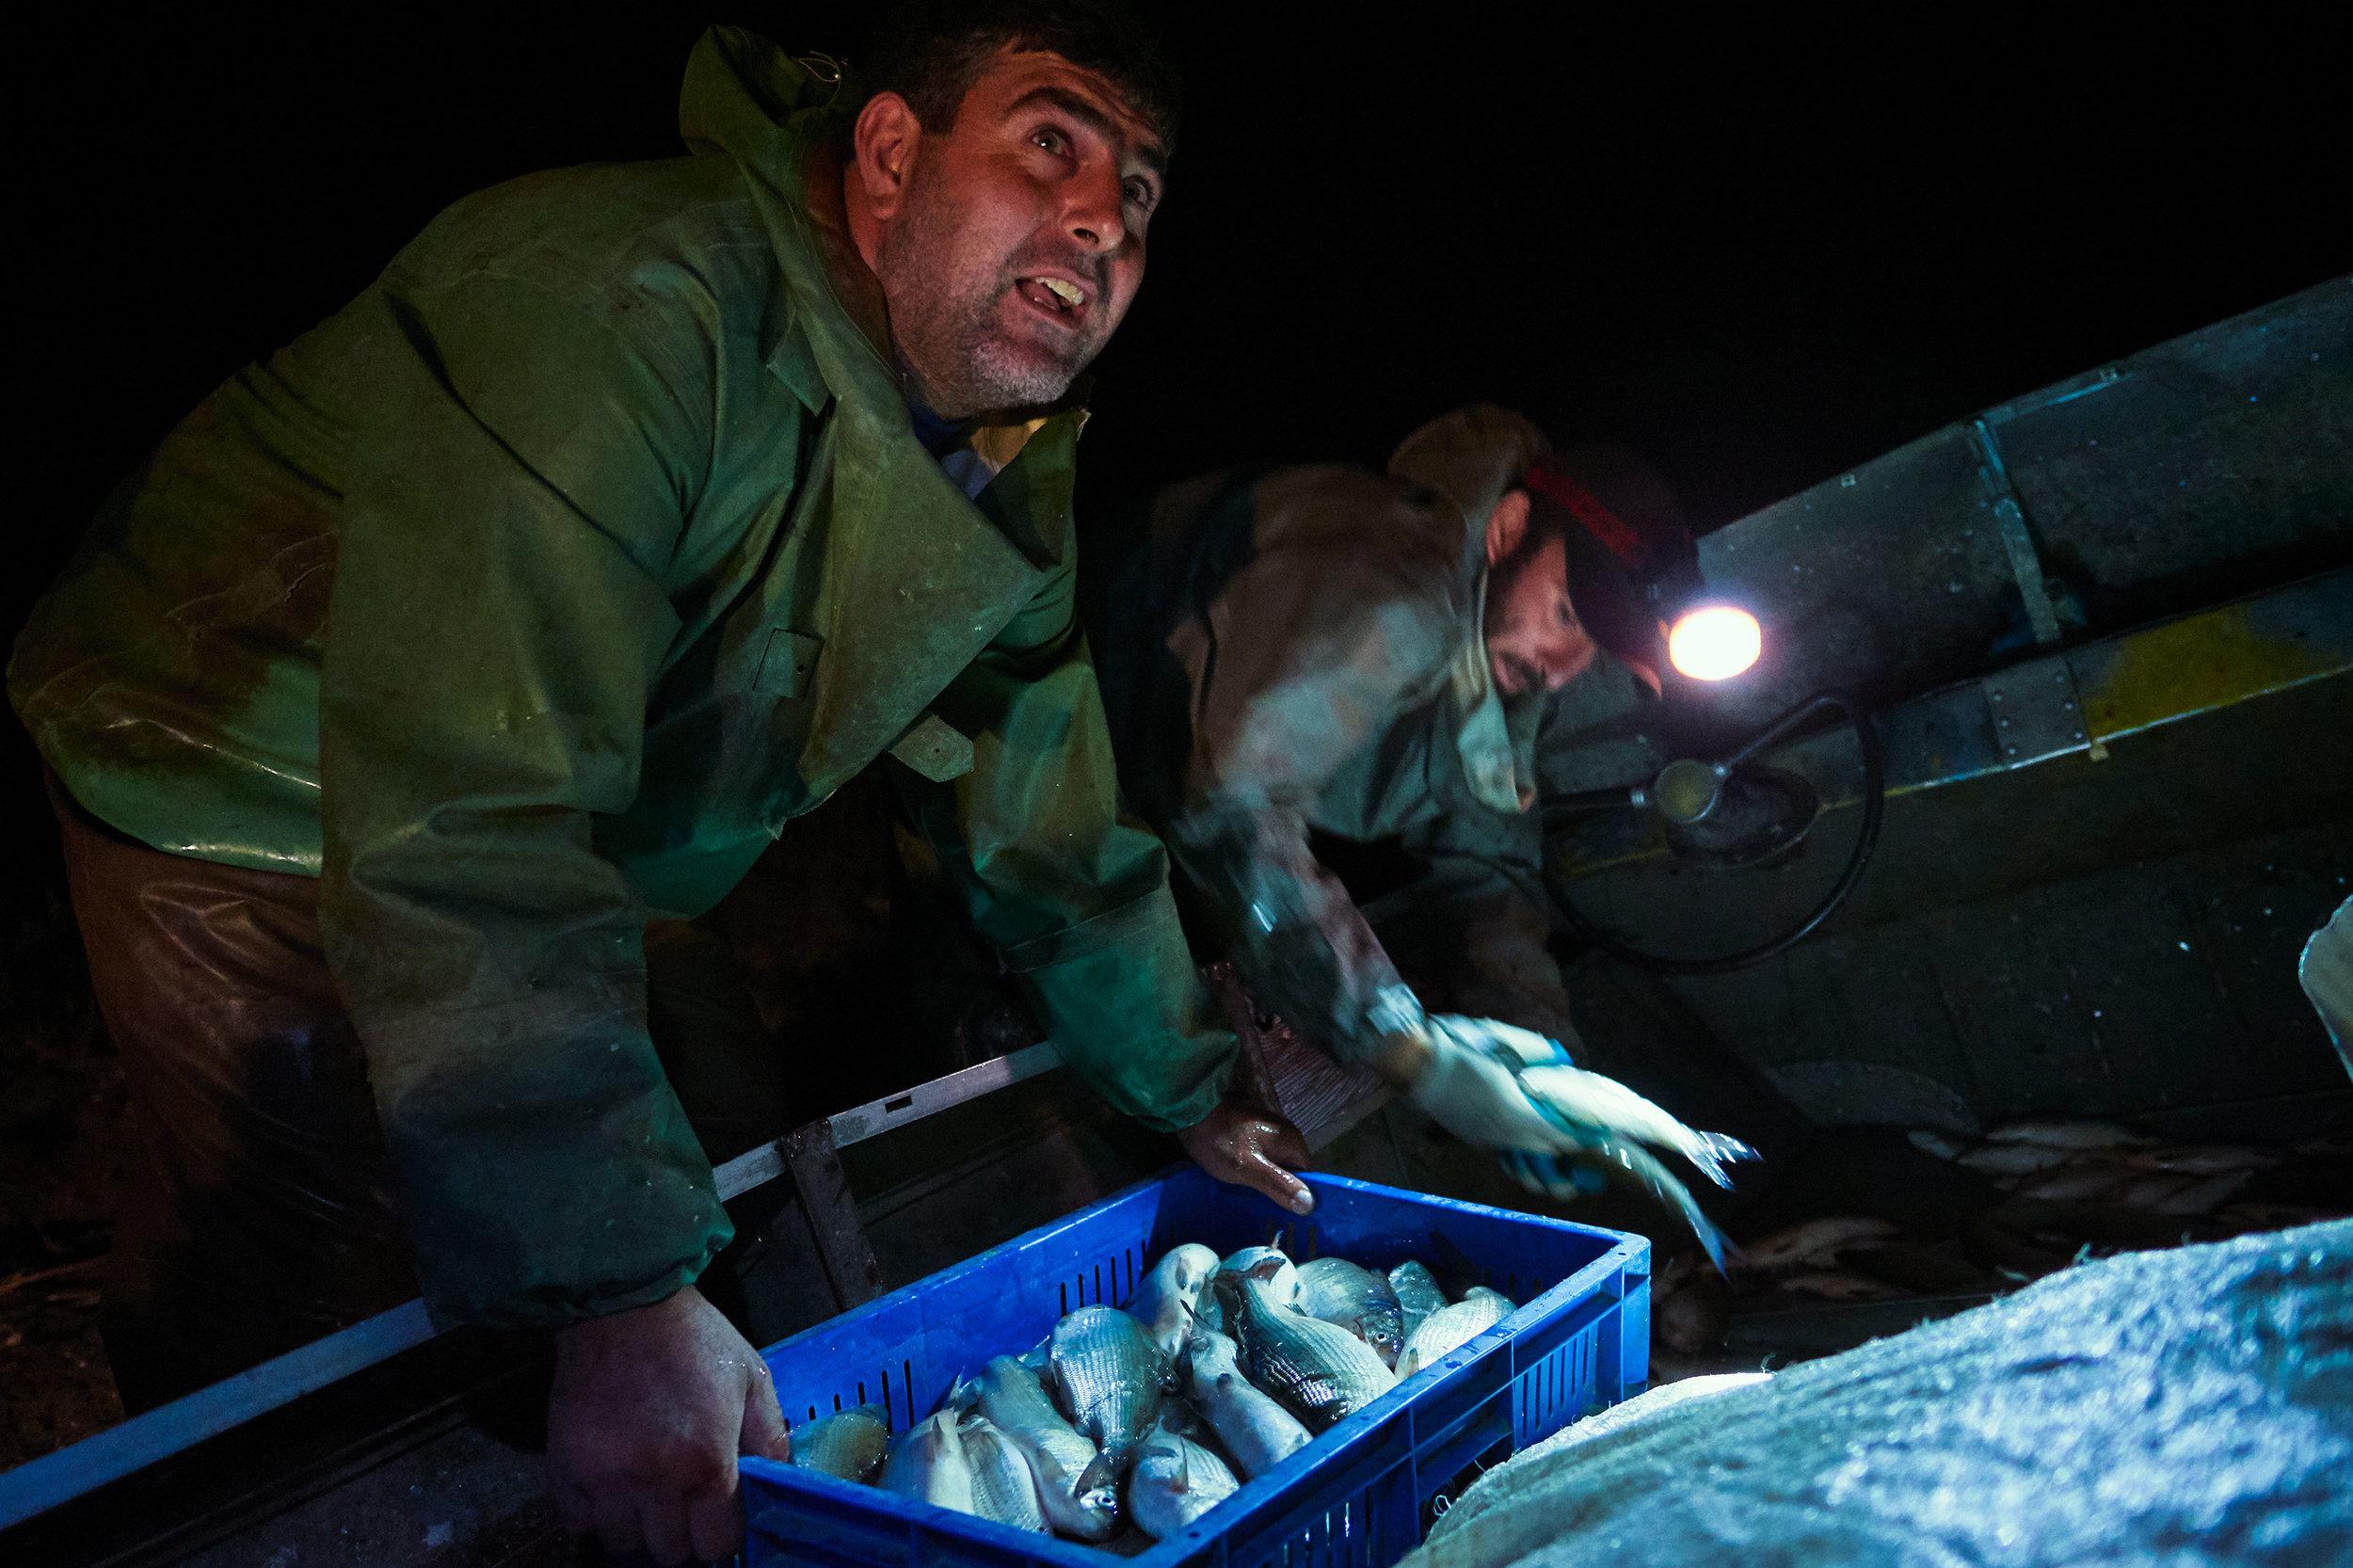 Armenia-Lake-Sevan-fishermen-with-fish